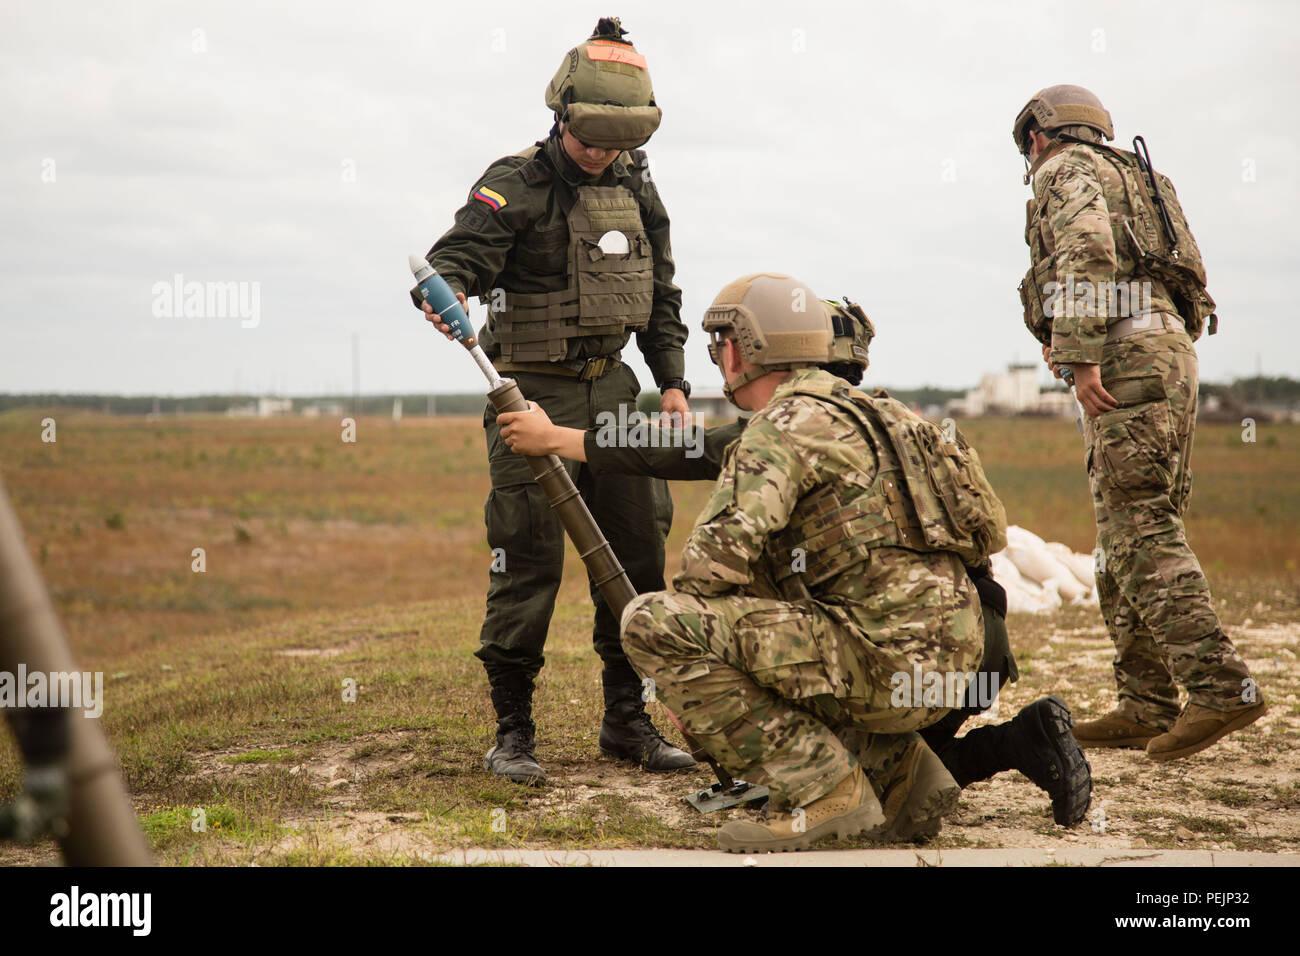 Los miembros de la Jungla Compana Antinarcoticos colombiana conducta  mortero familiarización con Boinas Verdes del 7º Grupo de Fuerzas Especiales  (Airborne) ... d1a200e1c27